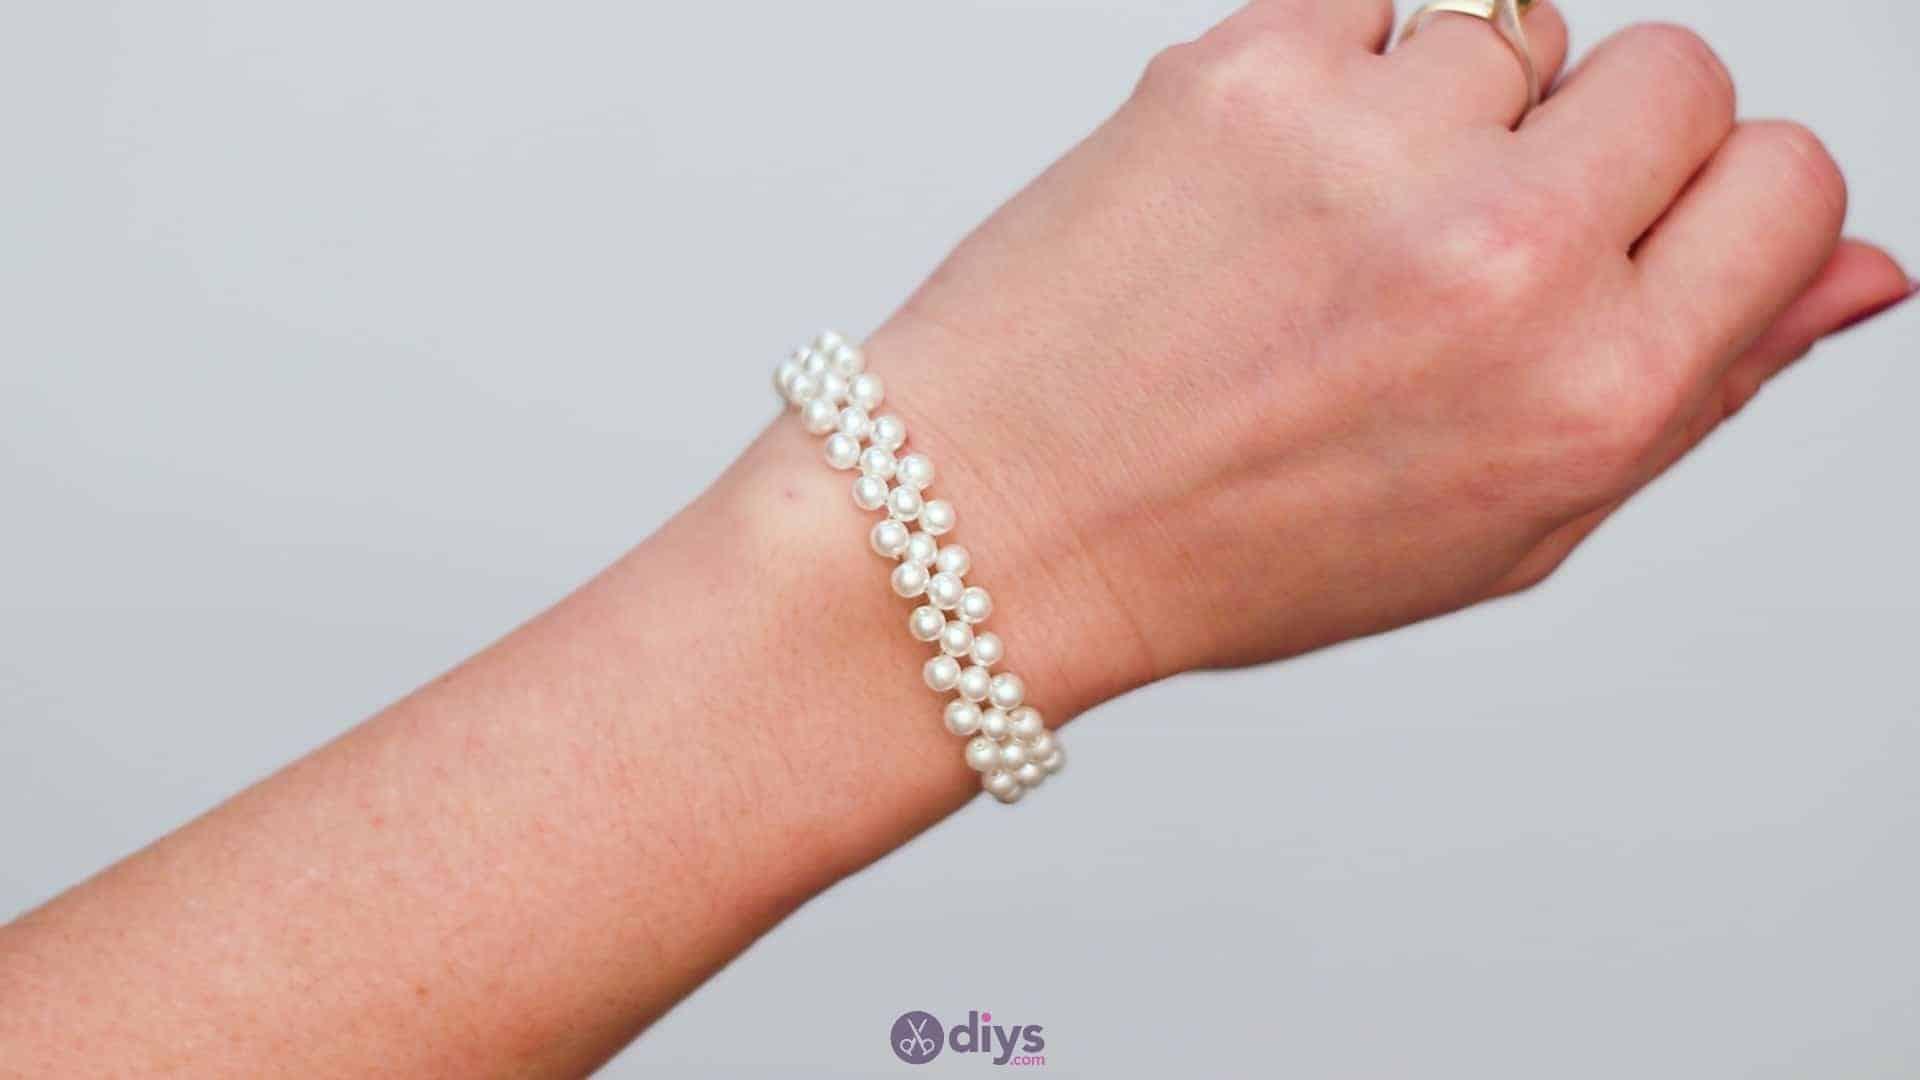 Diy elegant white beads bracelet step 6d